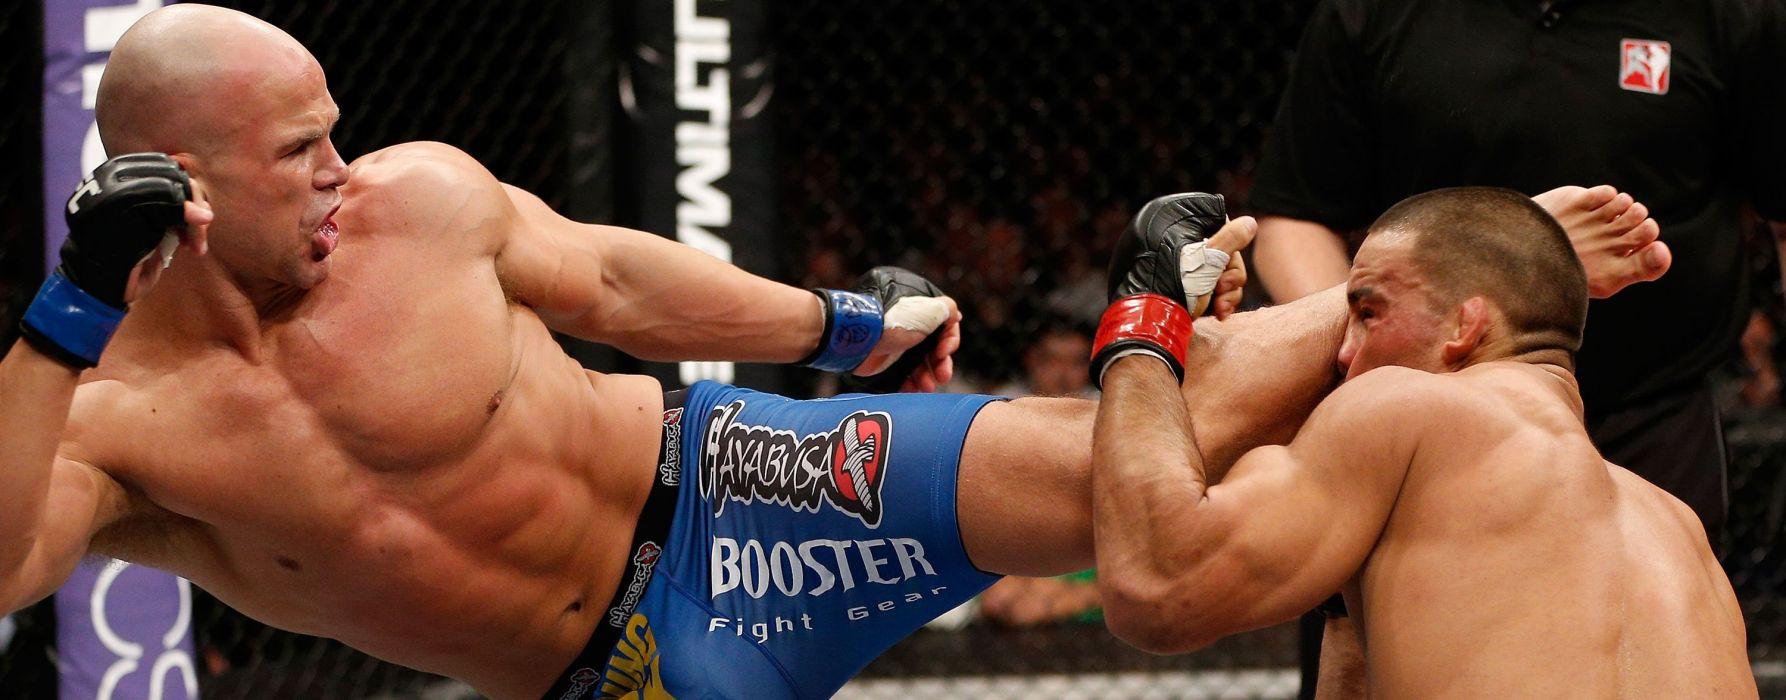 UFC mma fighting martial arts mixed (16) wallpaper